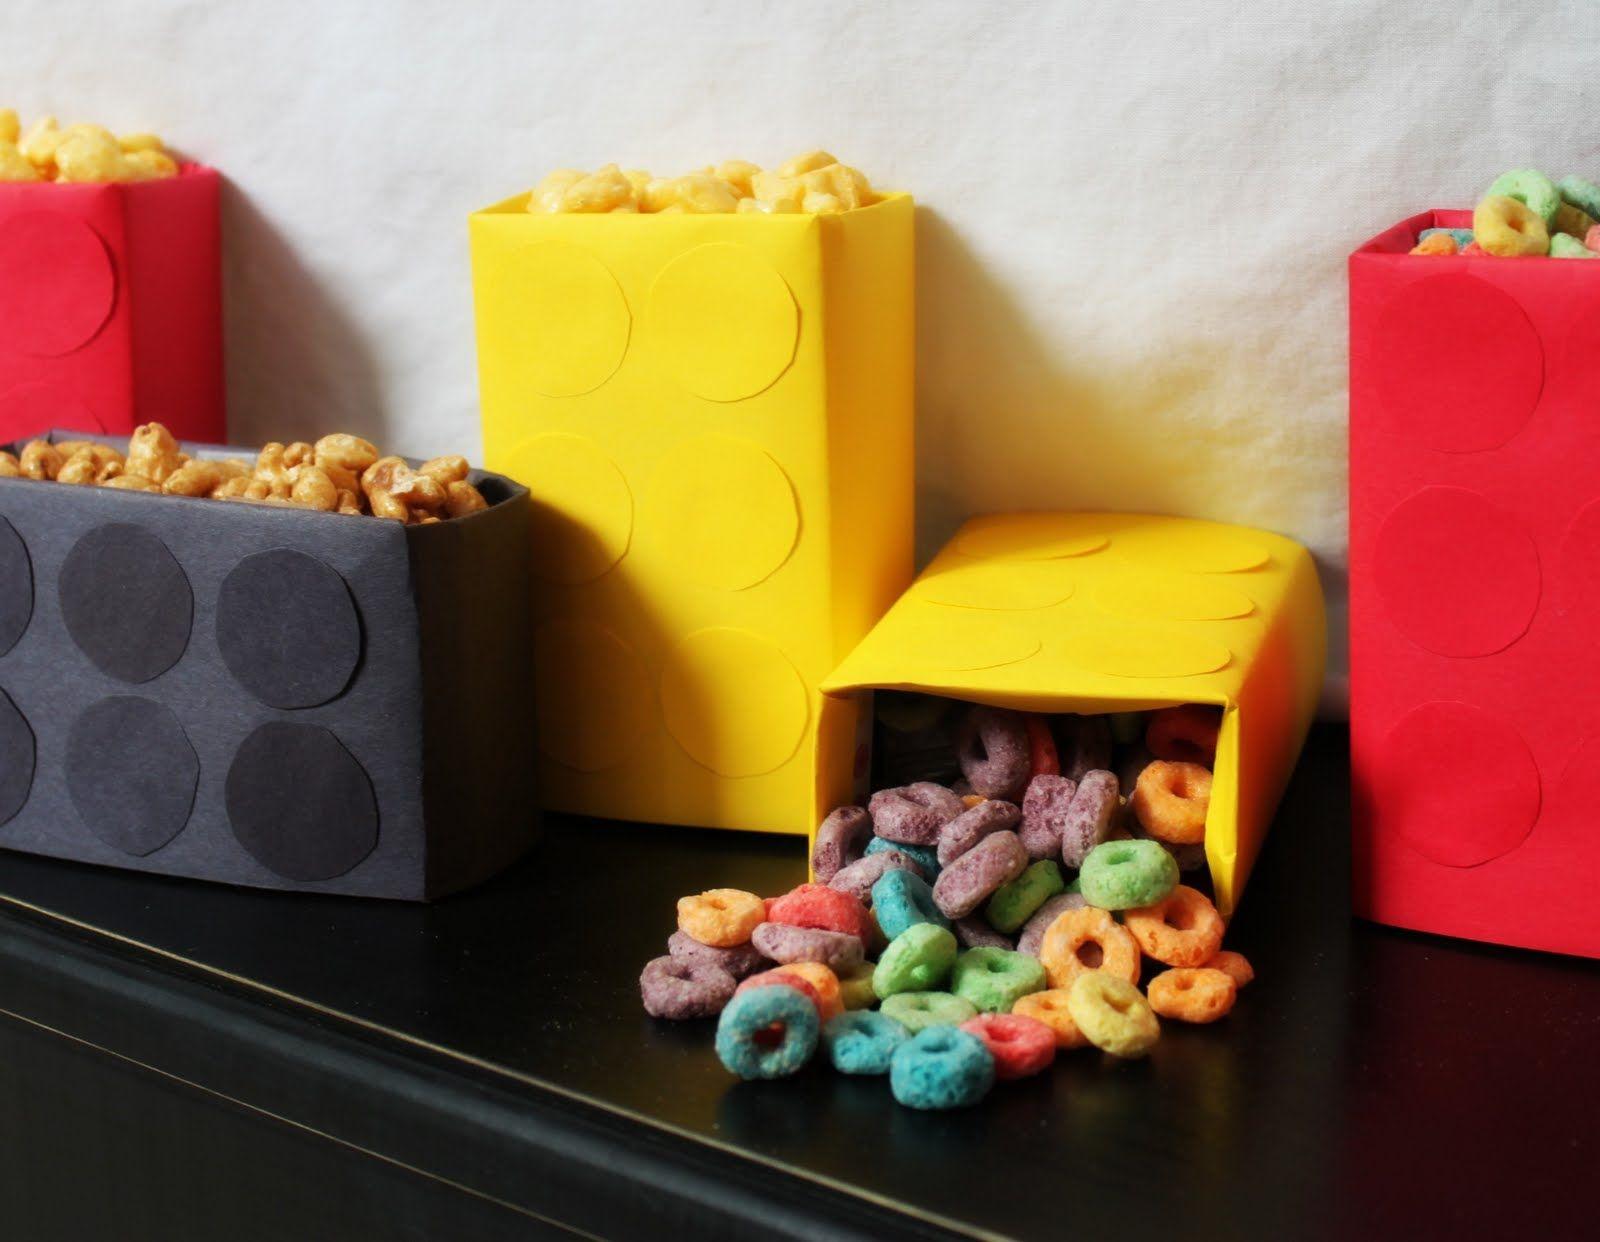 Idea: mini cereals in boxes were  turned into LEGO bricks.